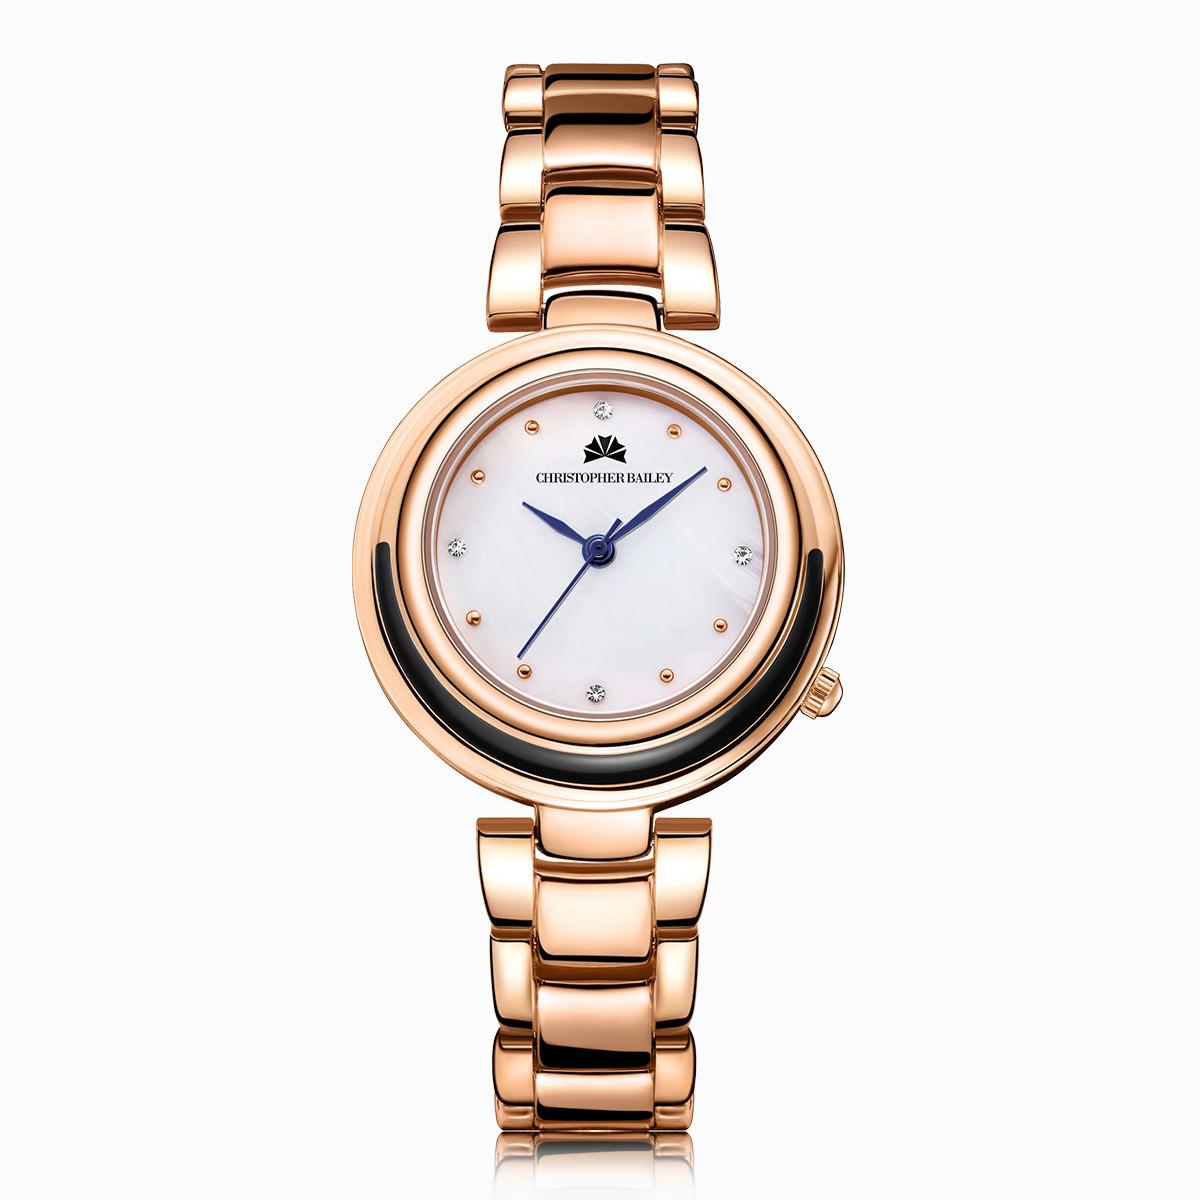 珂芮柏蒂【年底清仓】英国CB 简约星空钢带手表女士学生手表CB25010C